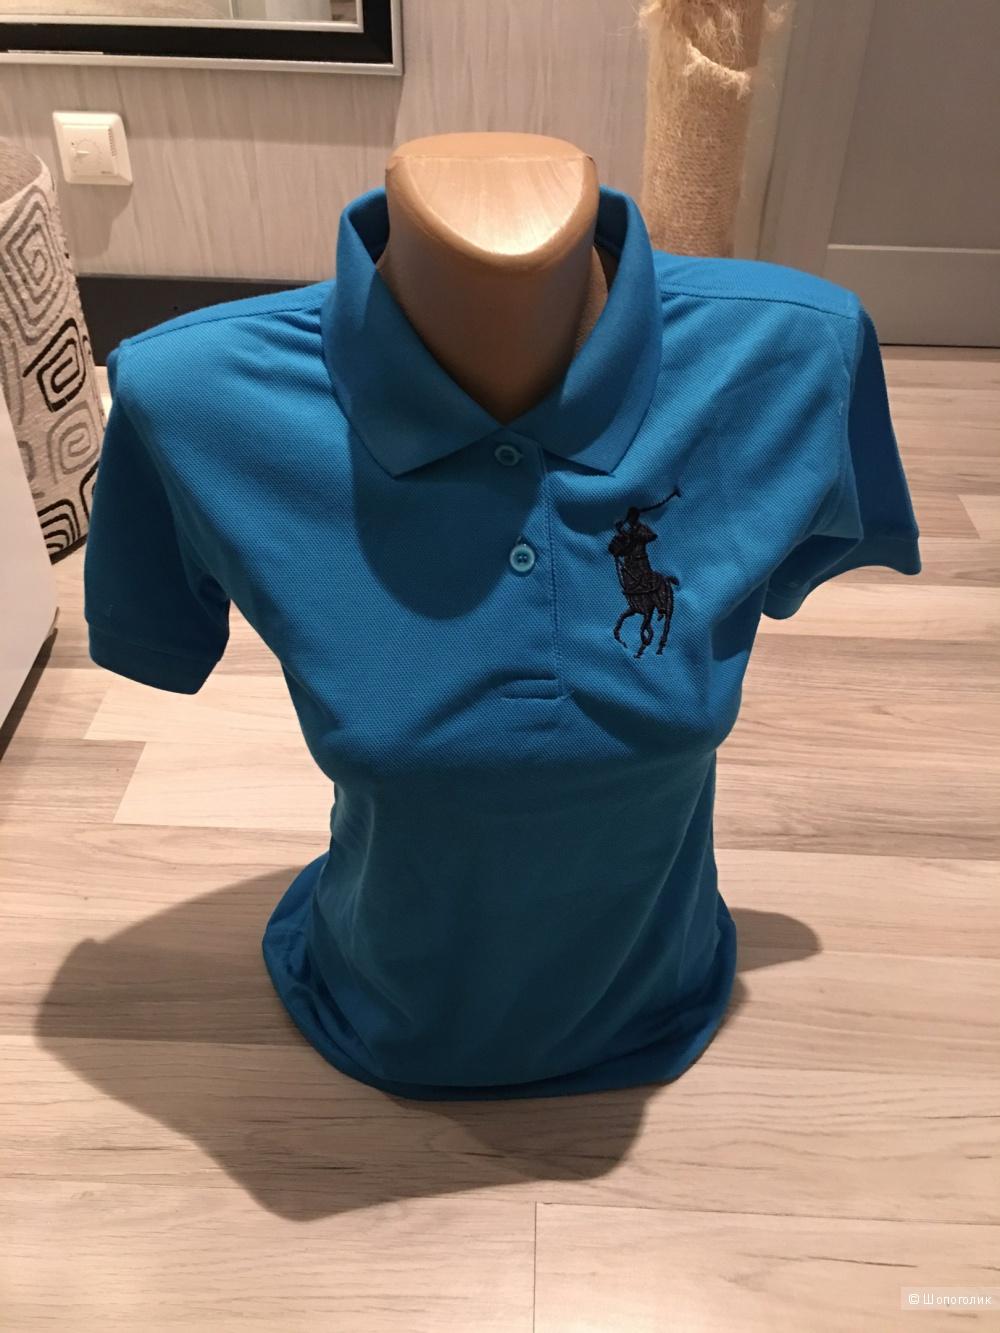 Футболка ralph lauren,цвет голубой,размер М и черный,размер ХL,копия,новые